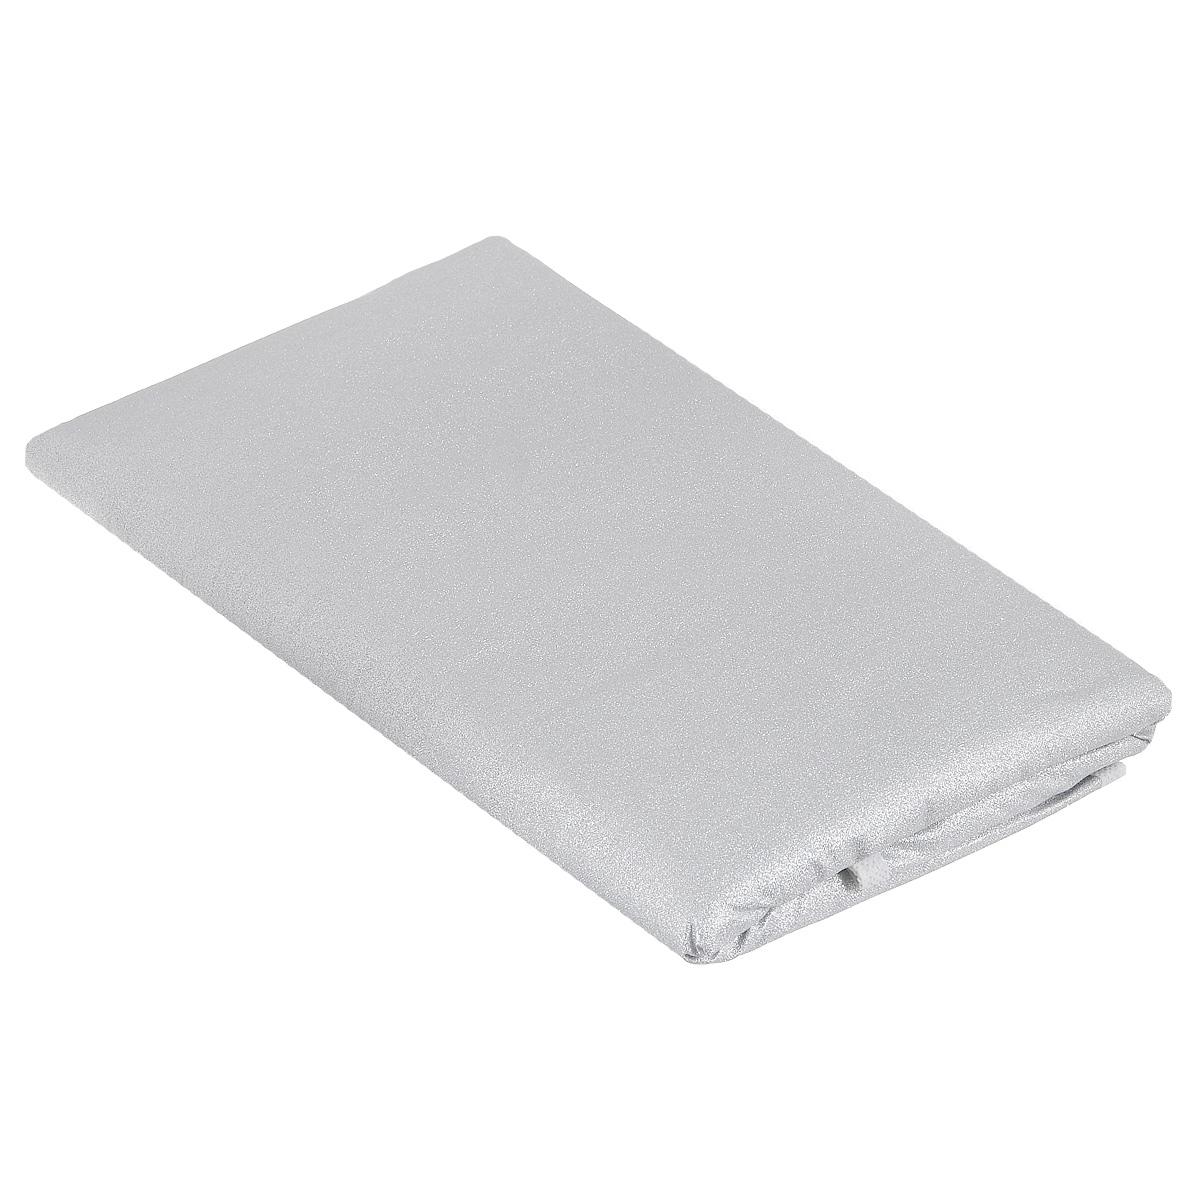 Чехол для гладильной доски Eva, цвет: серебристый, 156 х 53 смЕ121_сереброЧехол для гладильной доски Eva выполнен из хлопчатобумажной ткани с термостойким тефлоновым покрытием и поролоновой подкладкой.Чехол предназначен для защиты или замены изношенного покрытия гладильной доски. Благодаря удобной системе фиксации легко крепится к гладильной доске.Этот качественный чехол обеспечит вам легкое глажение.Размер чехла: 156 см x 53 см.Размер доски, для которой предназначен чехол: 148 см x 46 см.